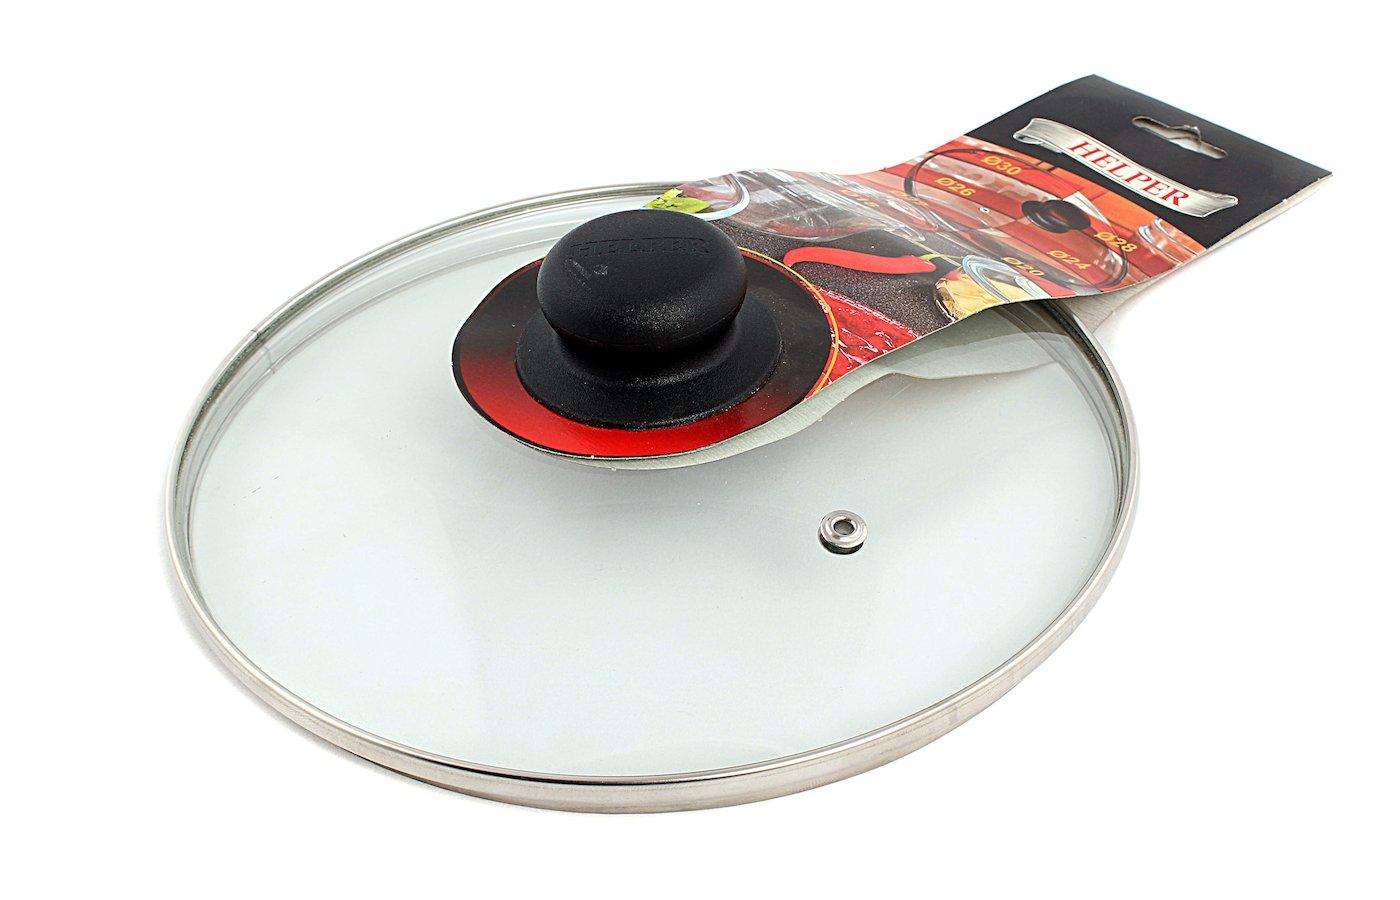 крышка до 24 см HELPER 4505 H003 стеклянная/пароотвод 24см